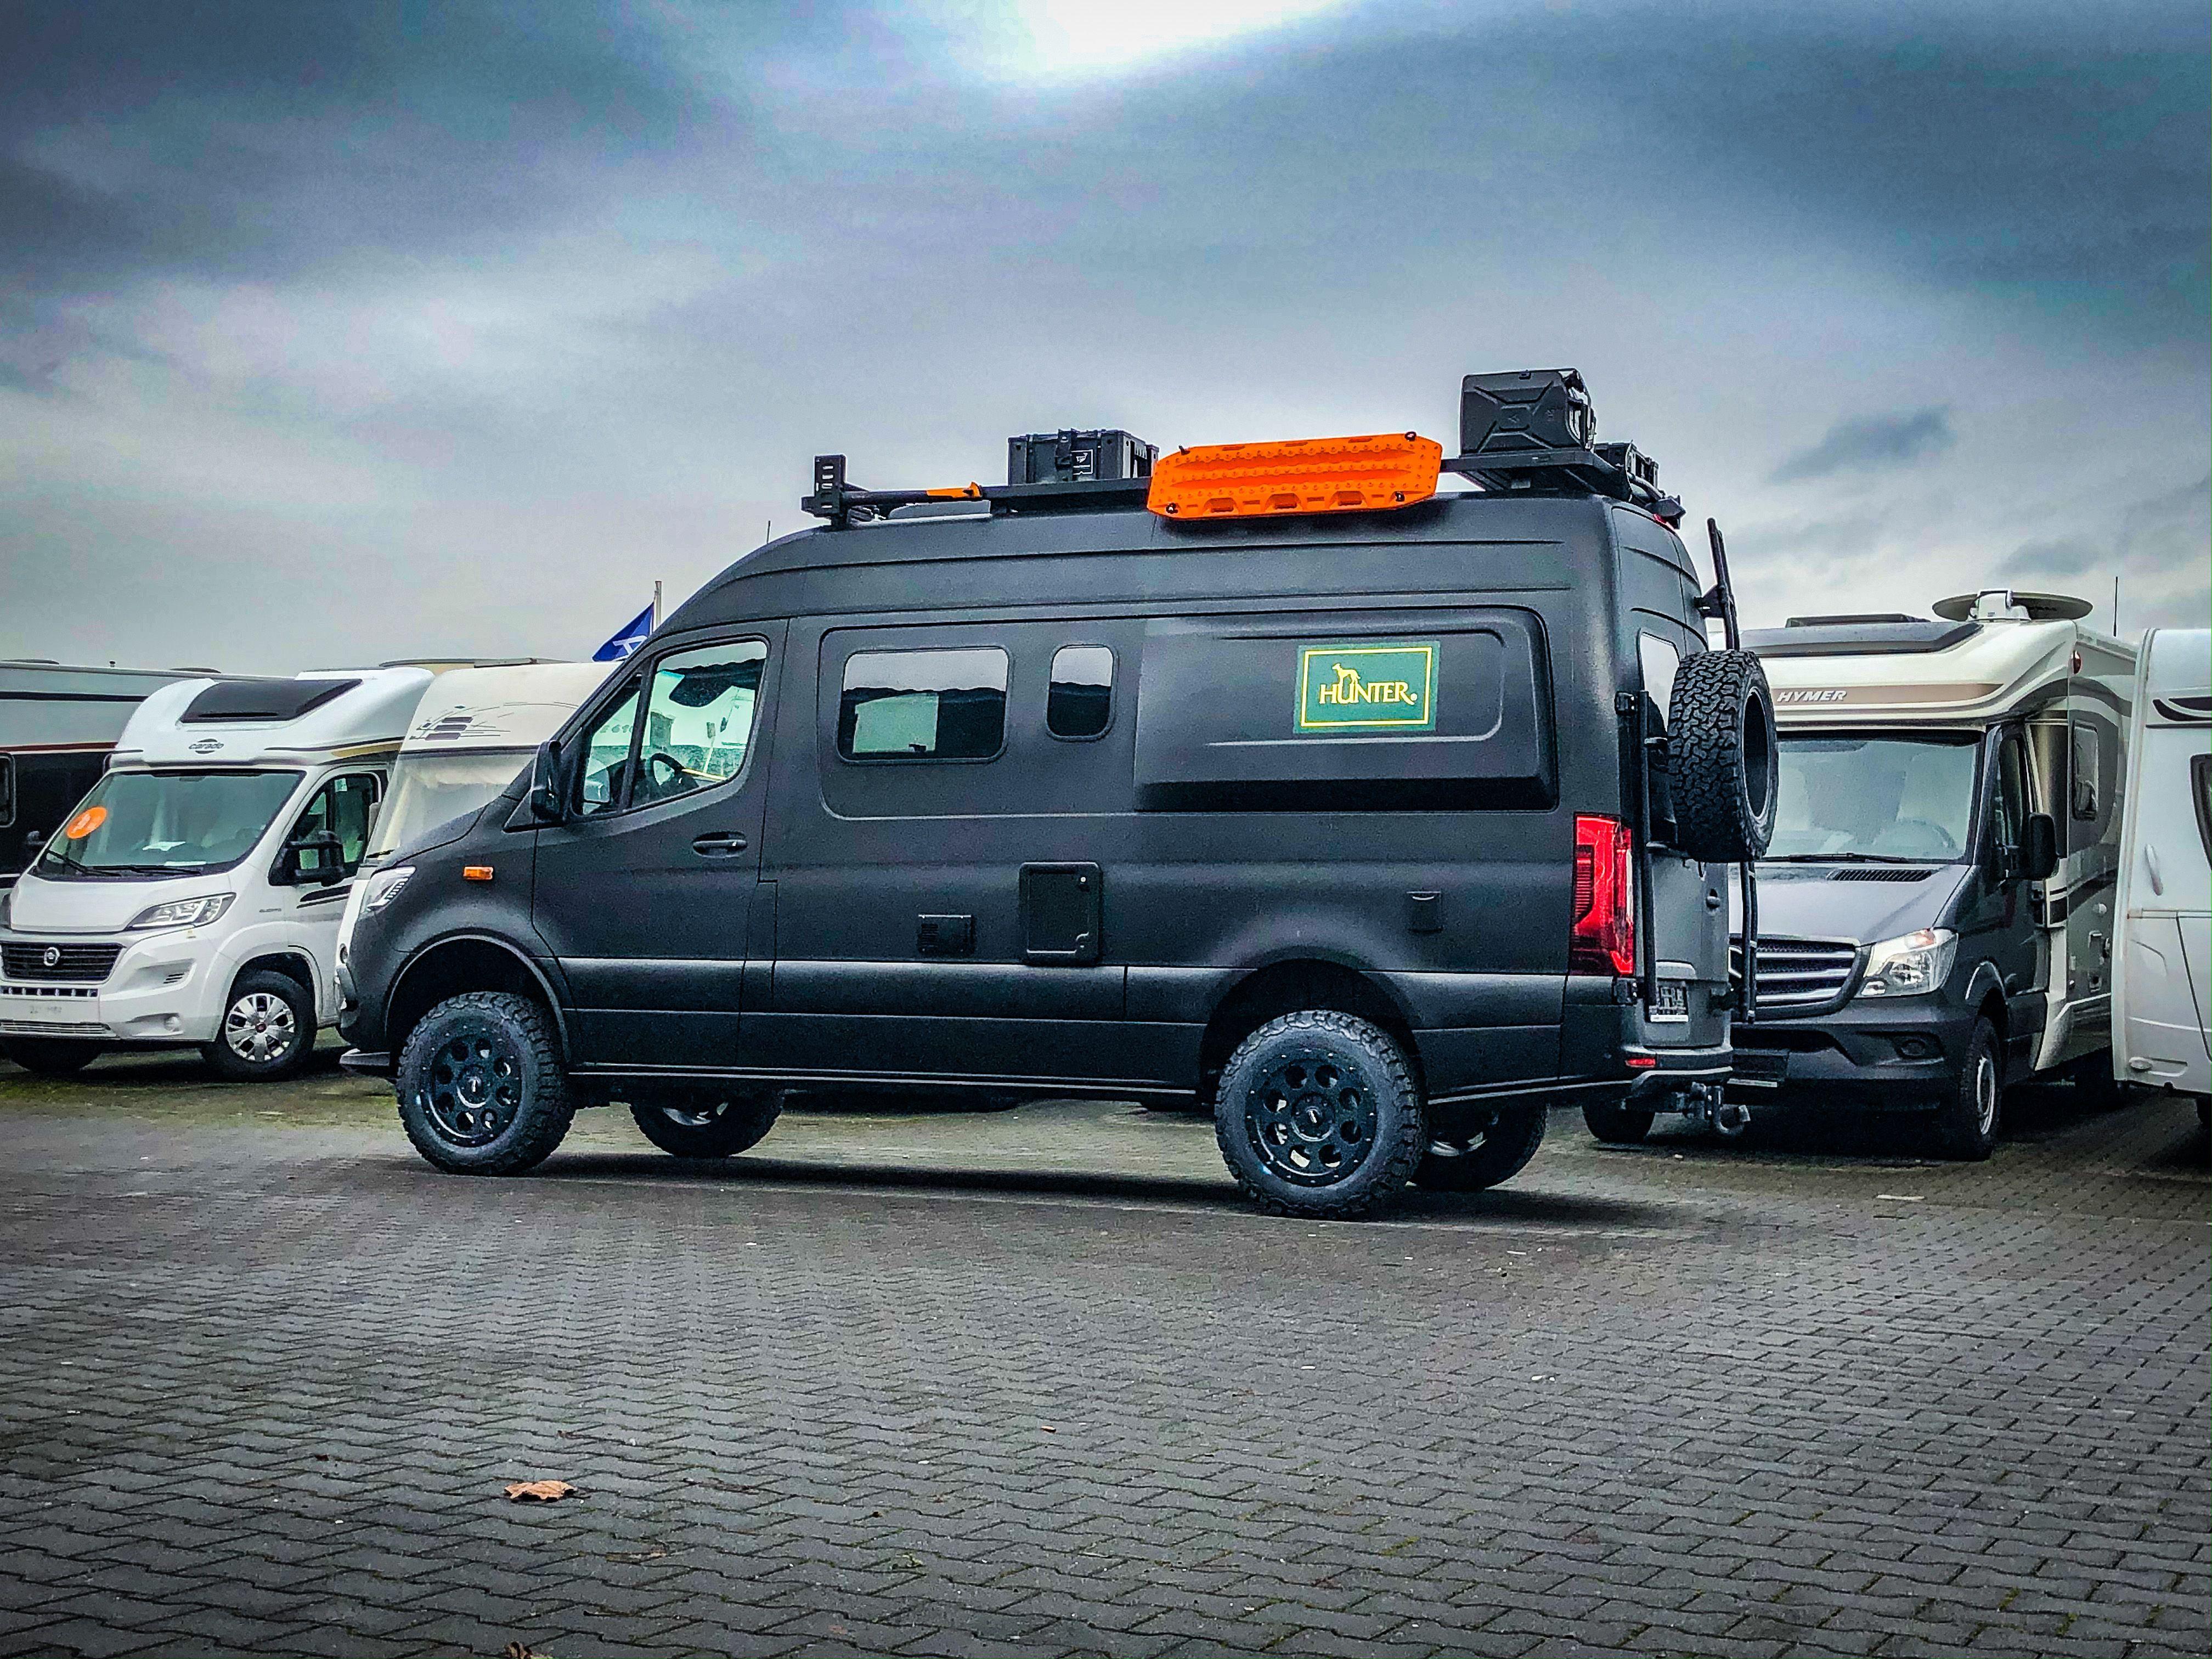 HUNTER - Edition  Allrad wohnmobil, Reisemobil, Camper kaufen